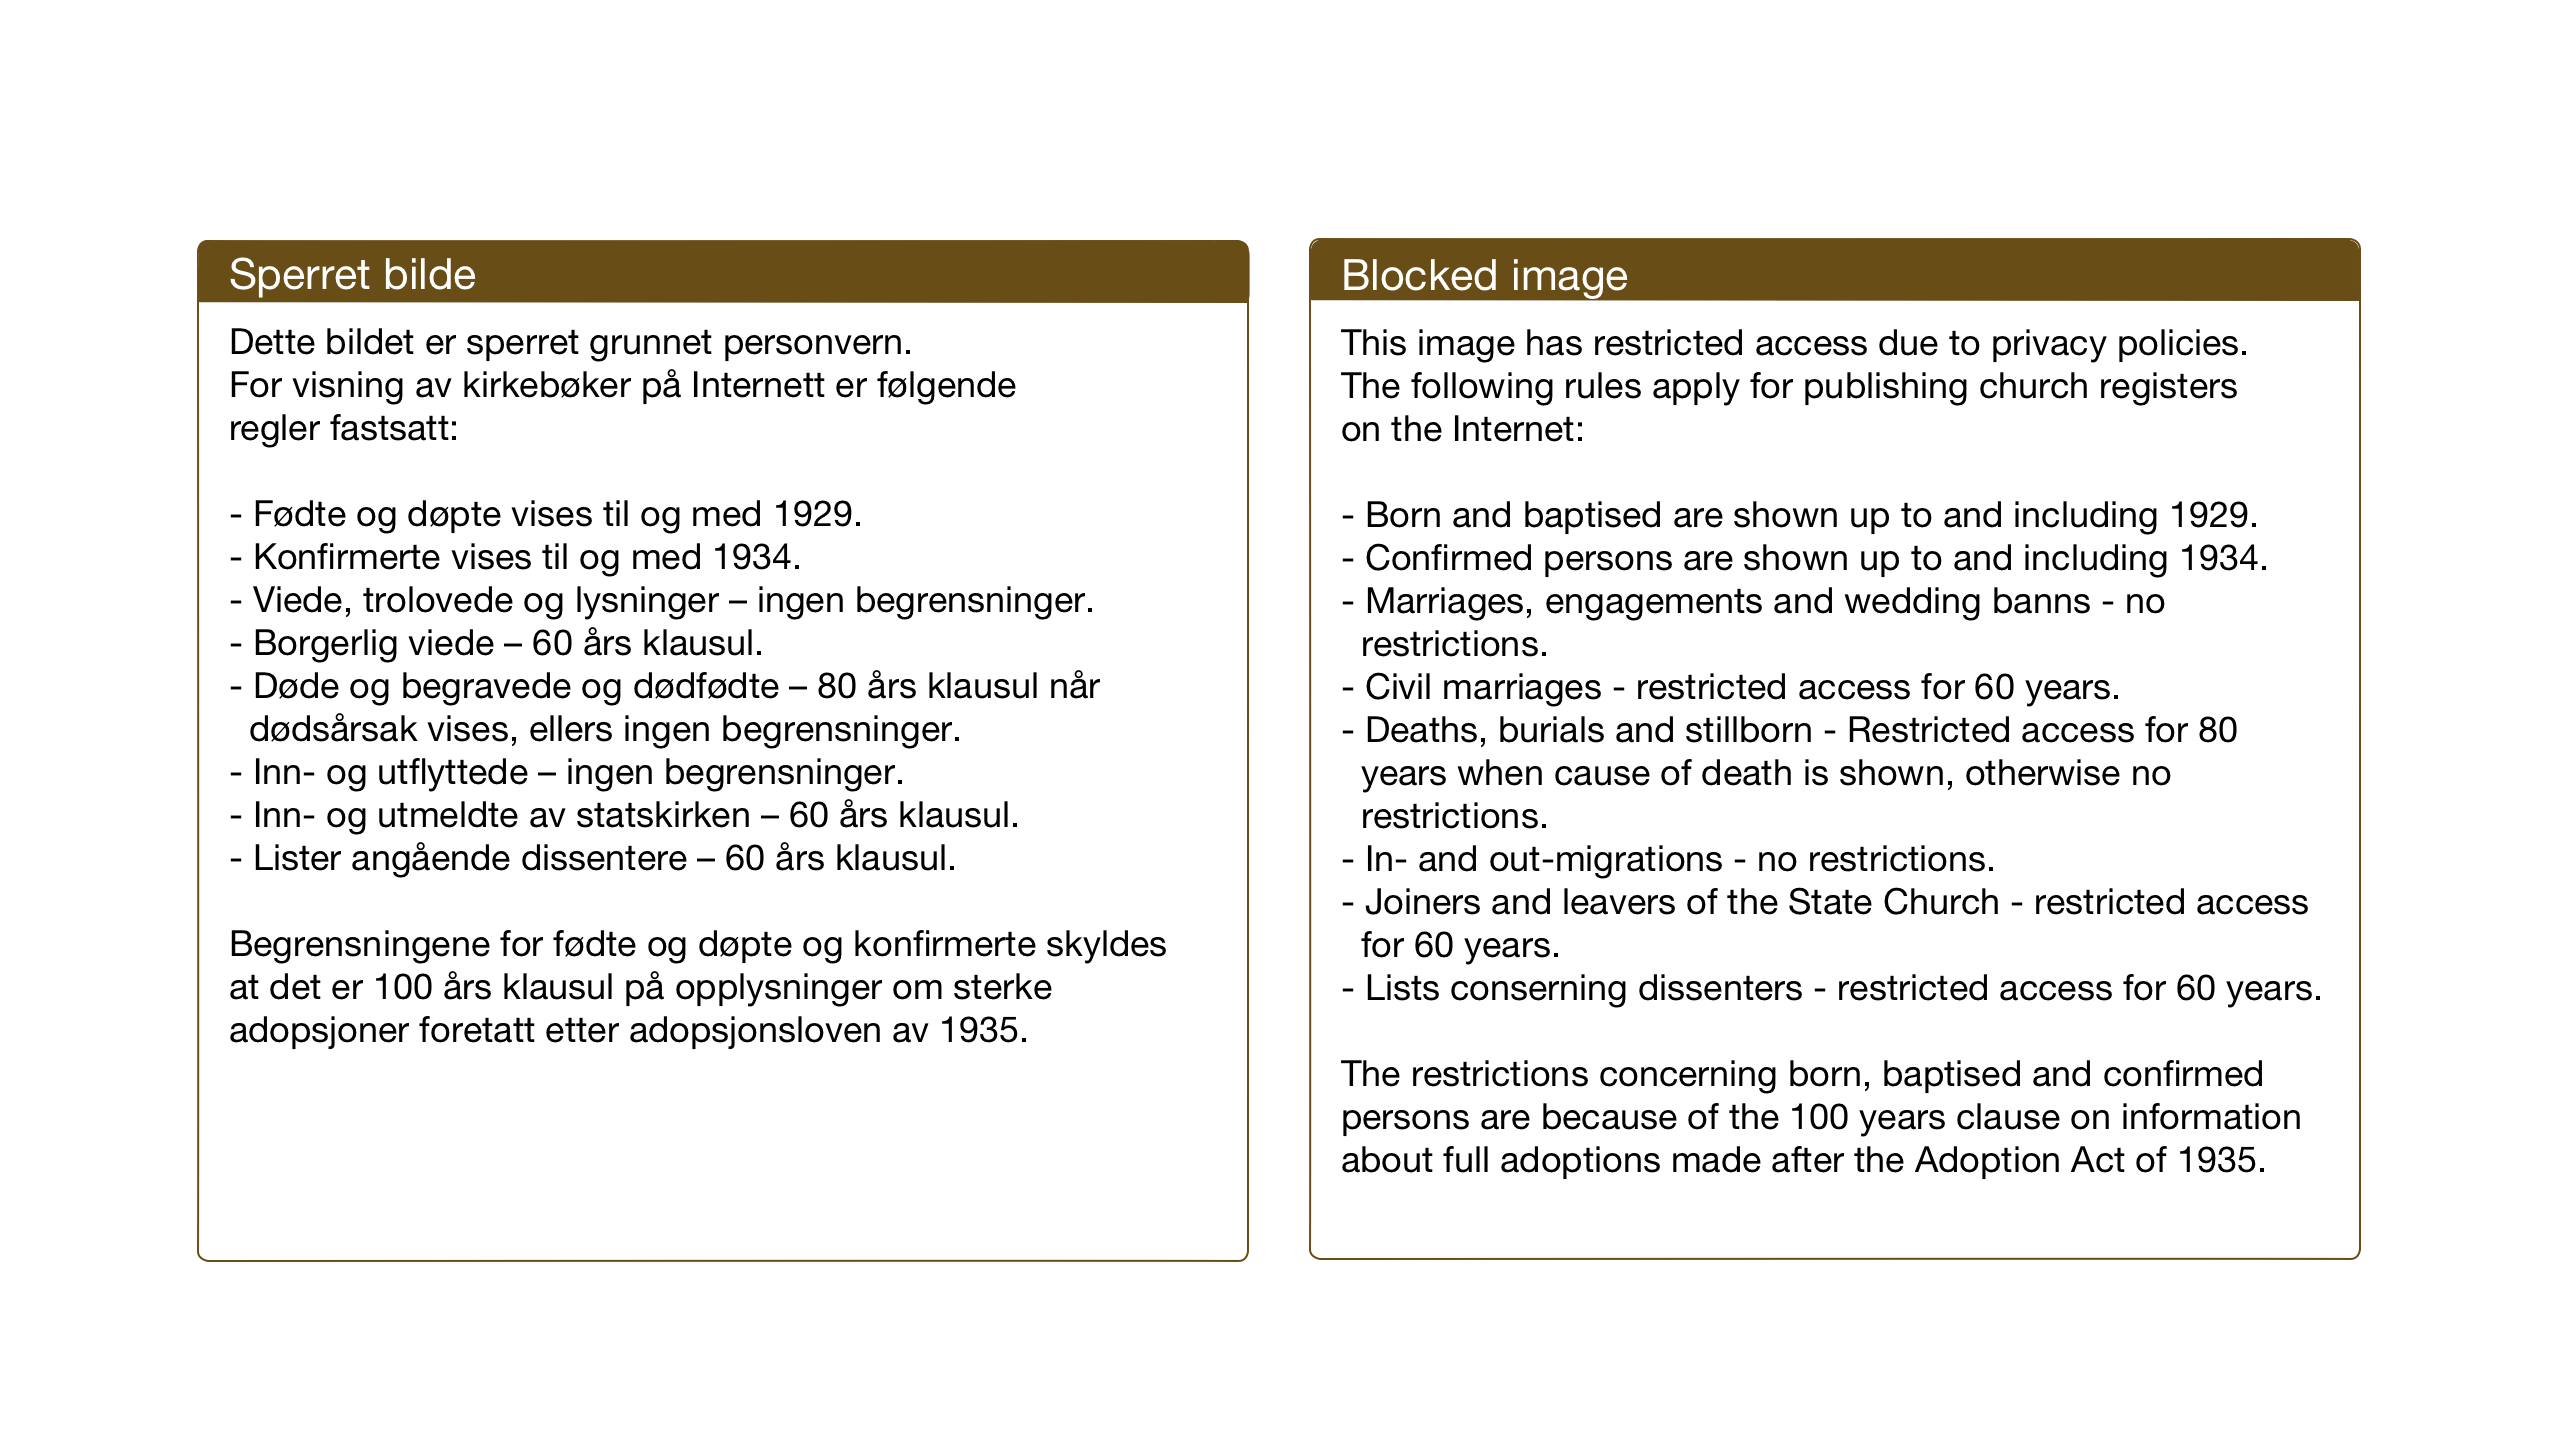 SAT, Ministerialprotokoller, klokkerbøker og fødselsregistre - Nord-Trøndelag, 774/L0631: Klokkerbok nr. 774C02, 1934-1950, s. 147